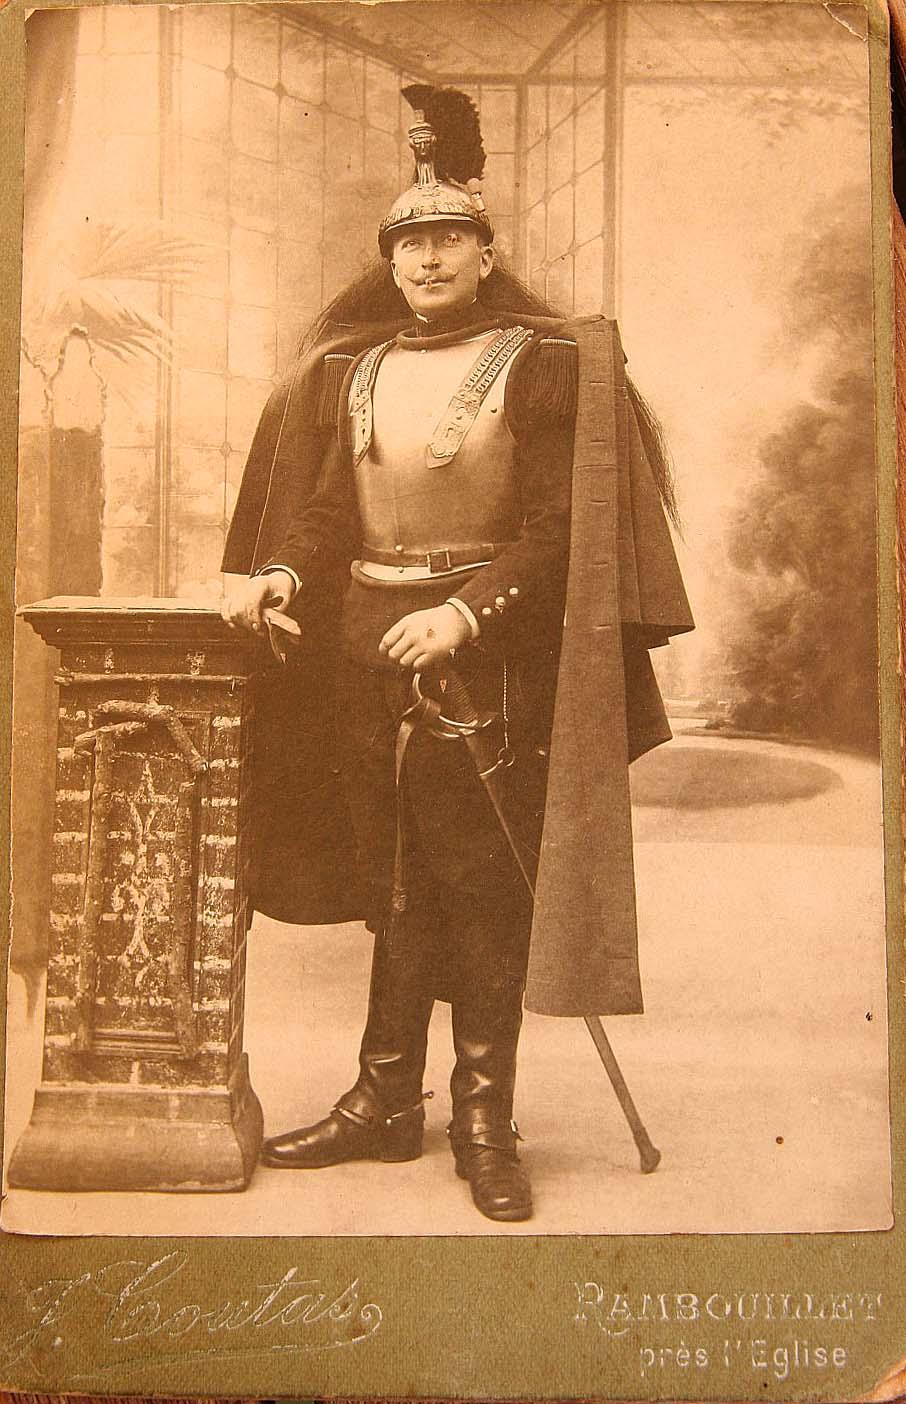 Militaires - Soldats - LEBRUN Louis, Gustave, Firmin - Mon arrière grand oncle (Loïc Richer)